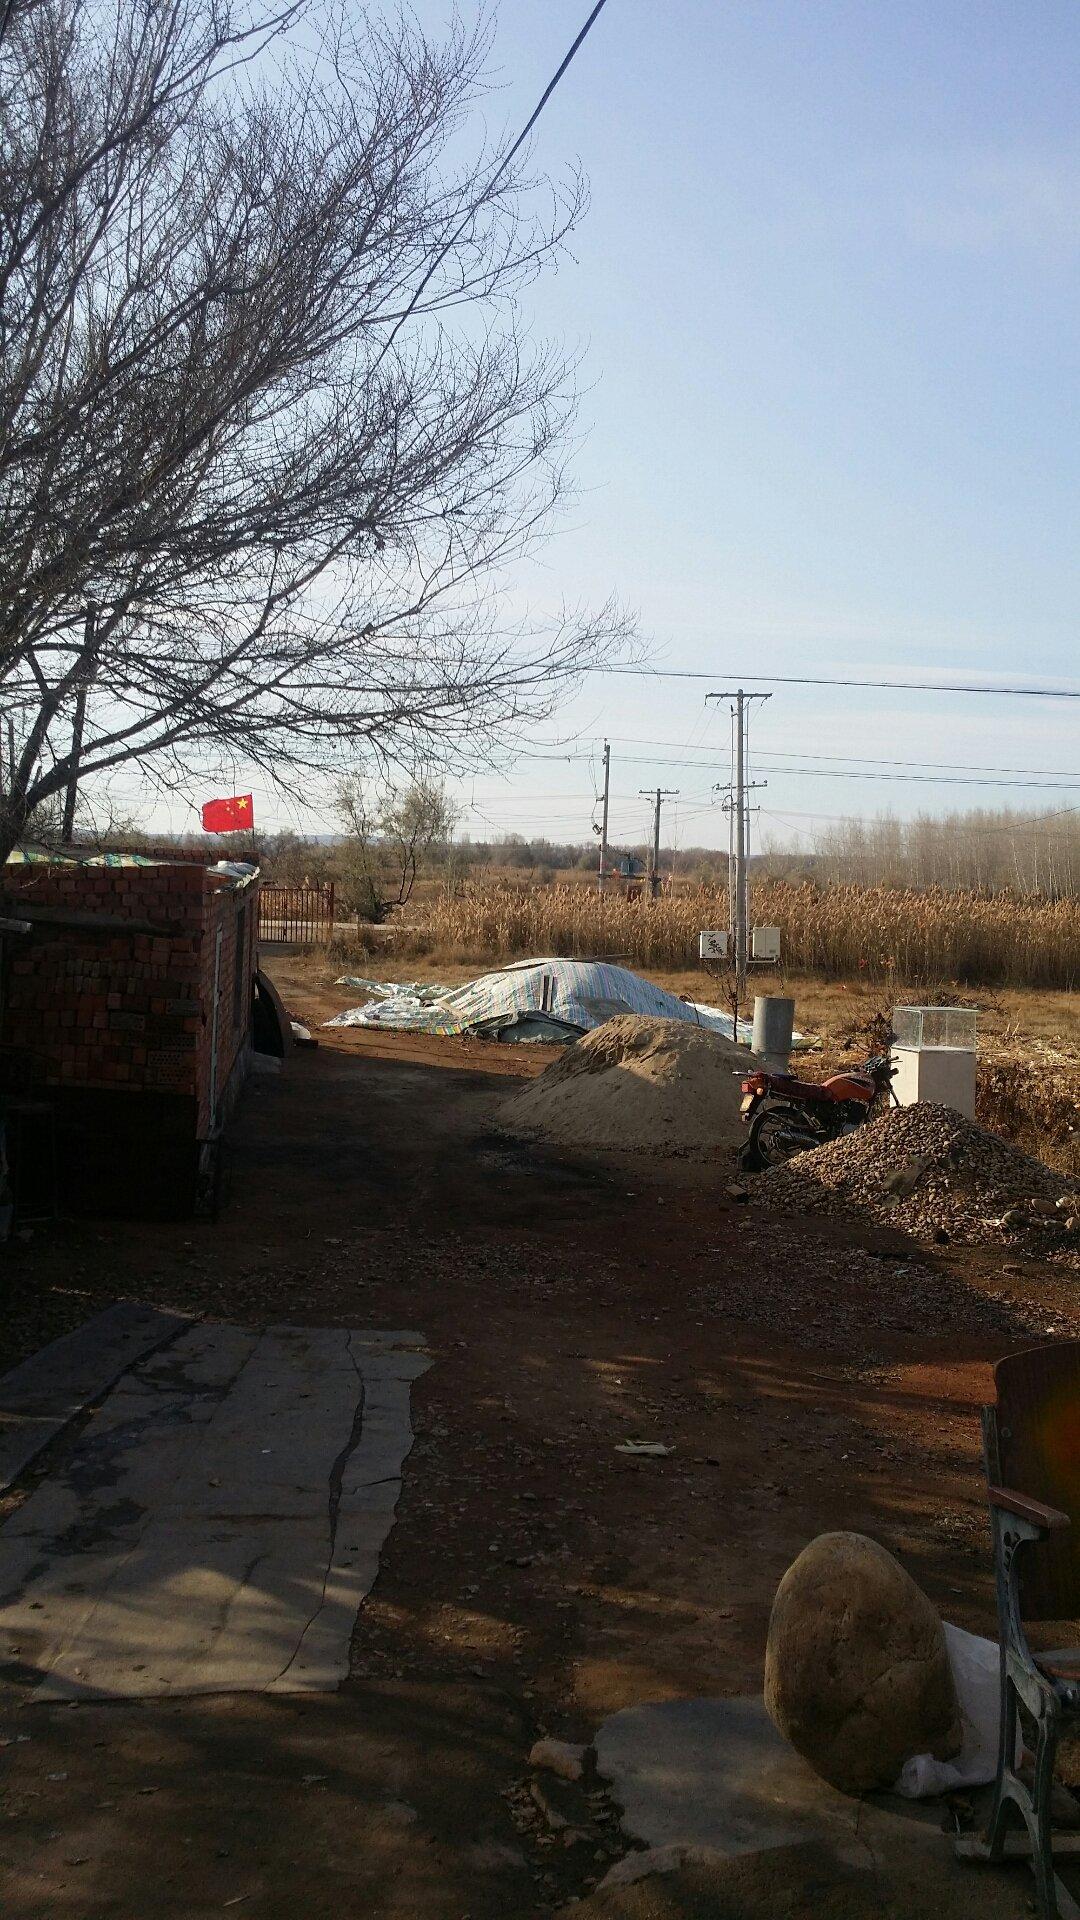 新疆维吾尔自治区阿勒泰地区阿勒泰市岔飞段靠近阿依罗德罗木村天气预报